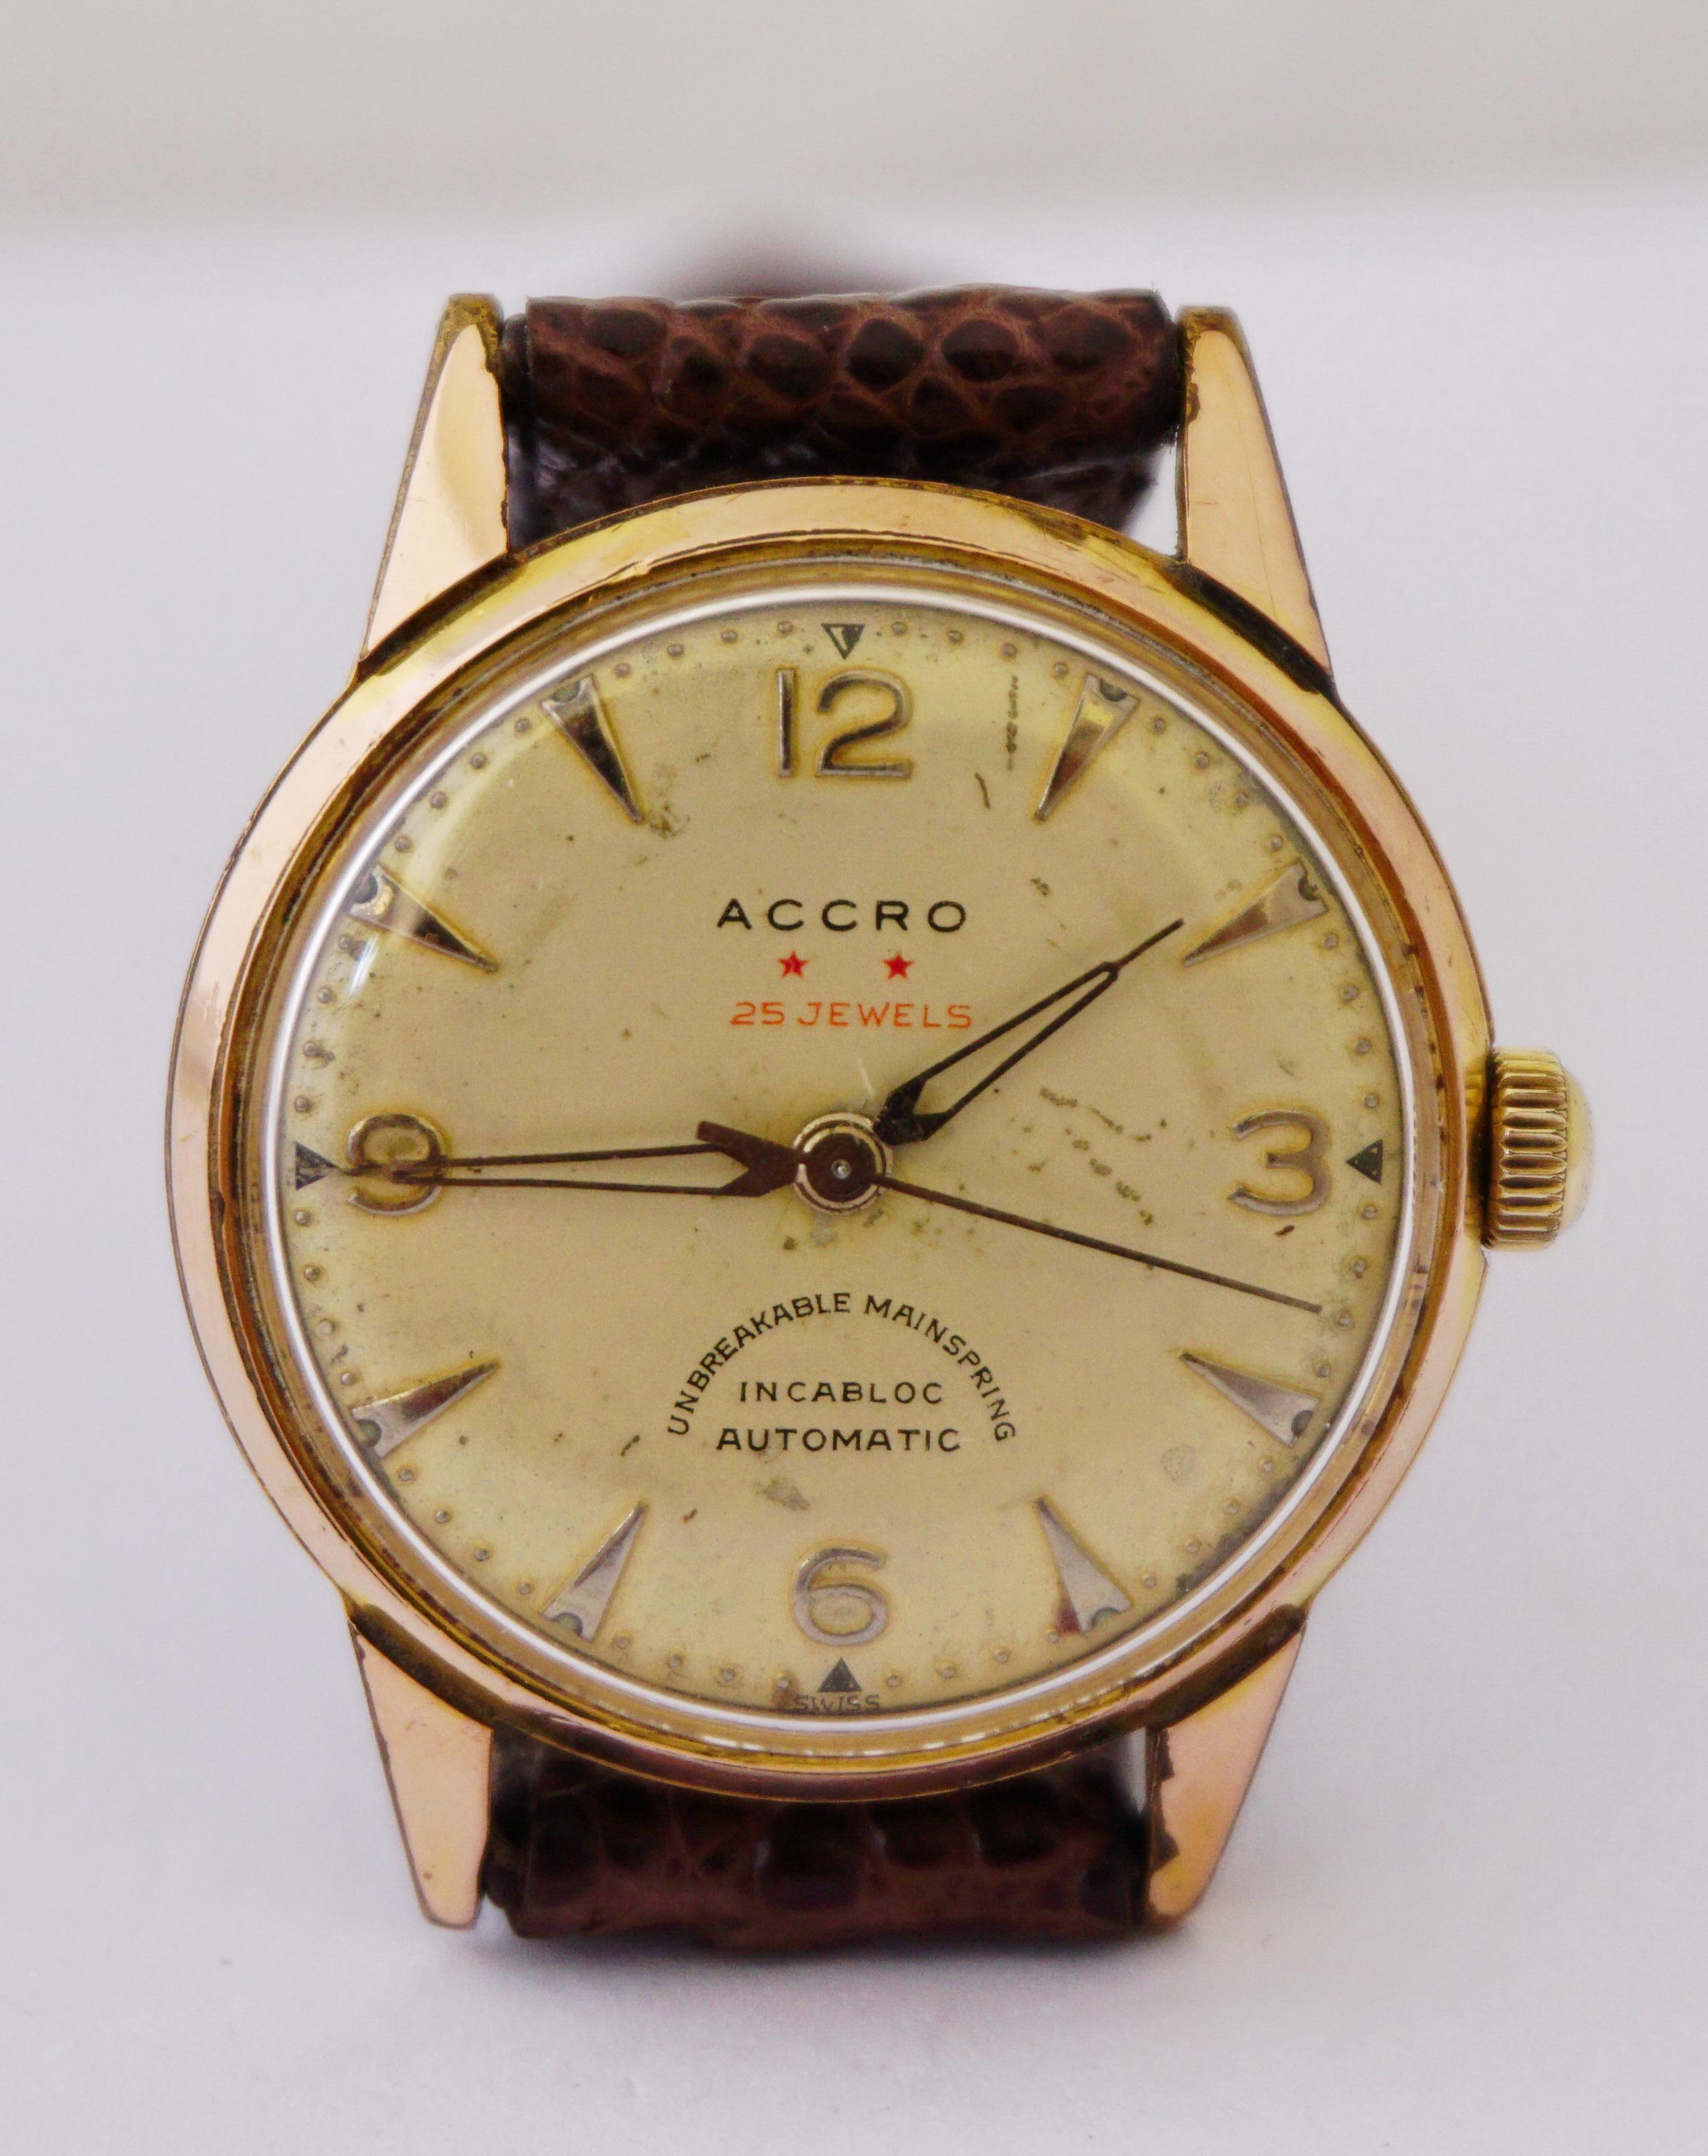 นาฬิกาเก่า ACCRO ออโตเมติก